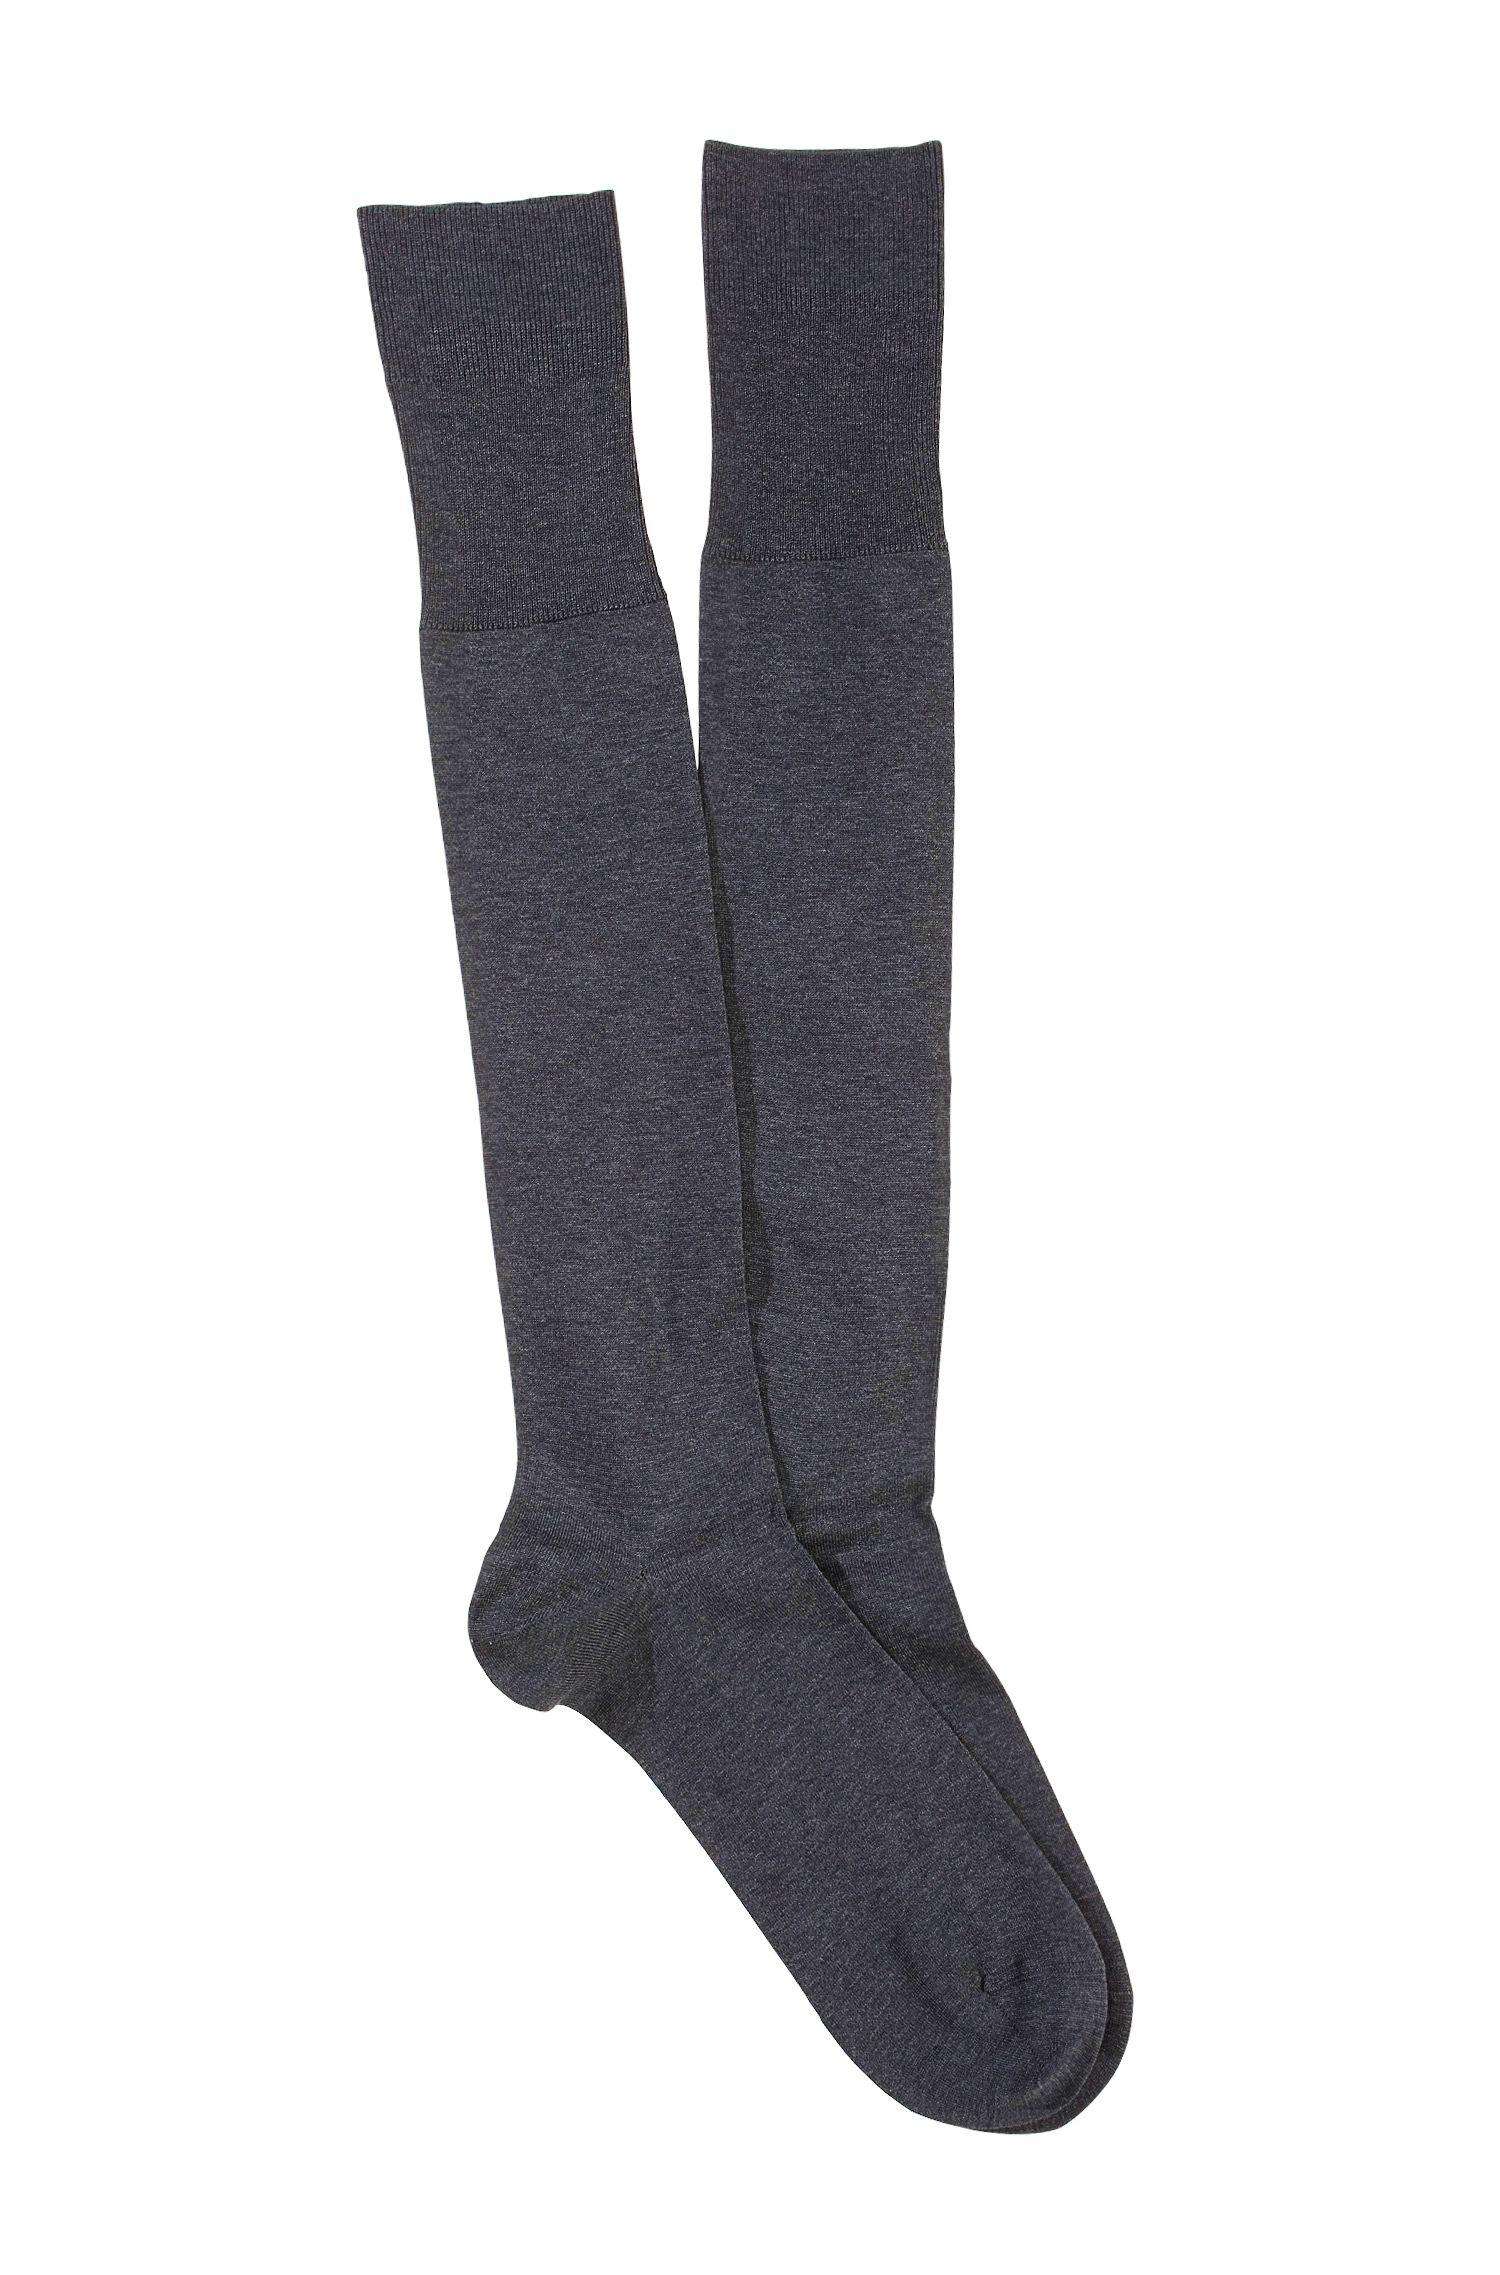 Chaussettes hautes confort, George KH Uni